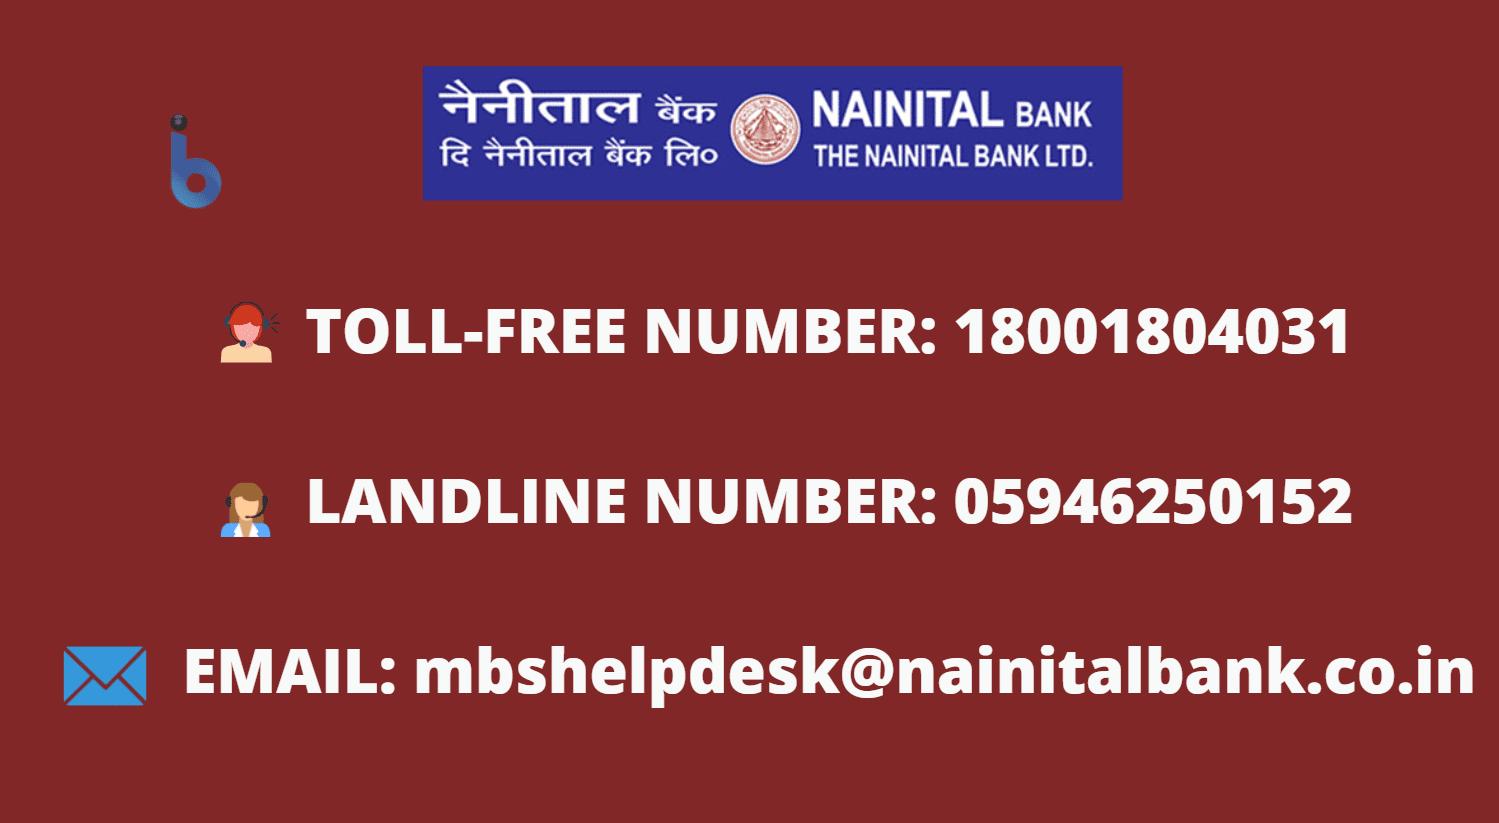 nainital bank balance check number